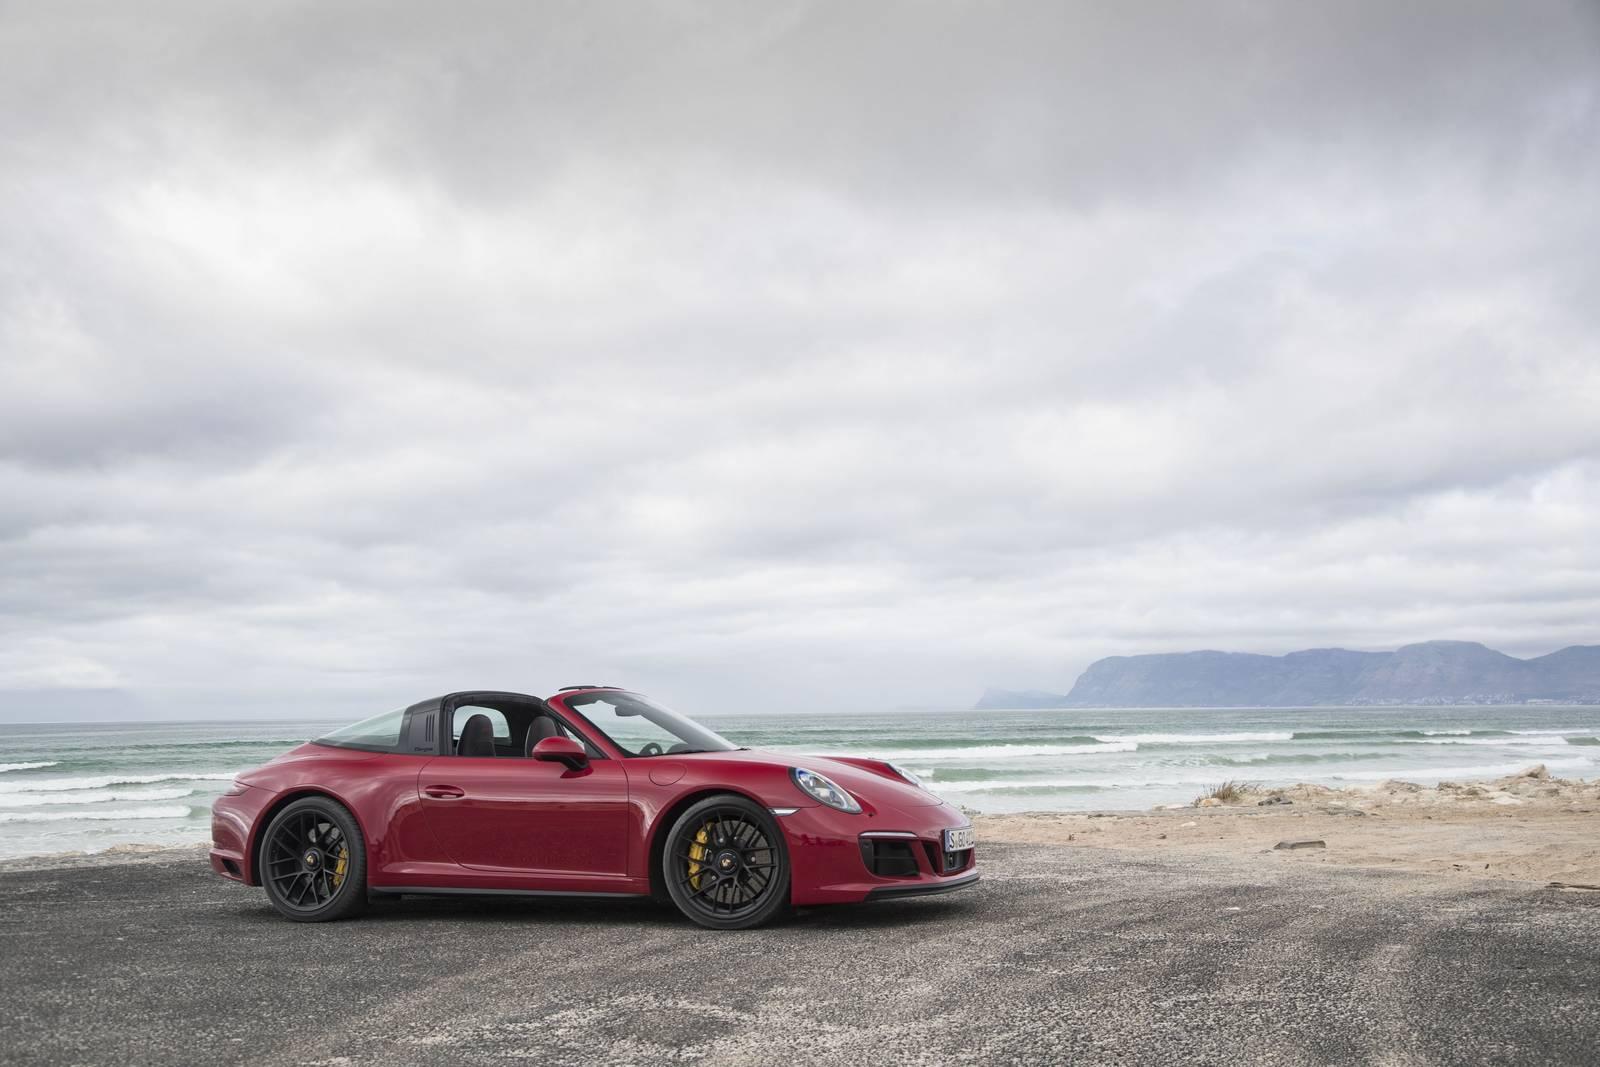 Bok Porsche 911 Targa 4 GTS